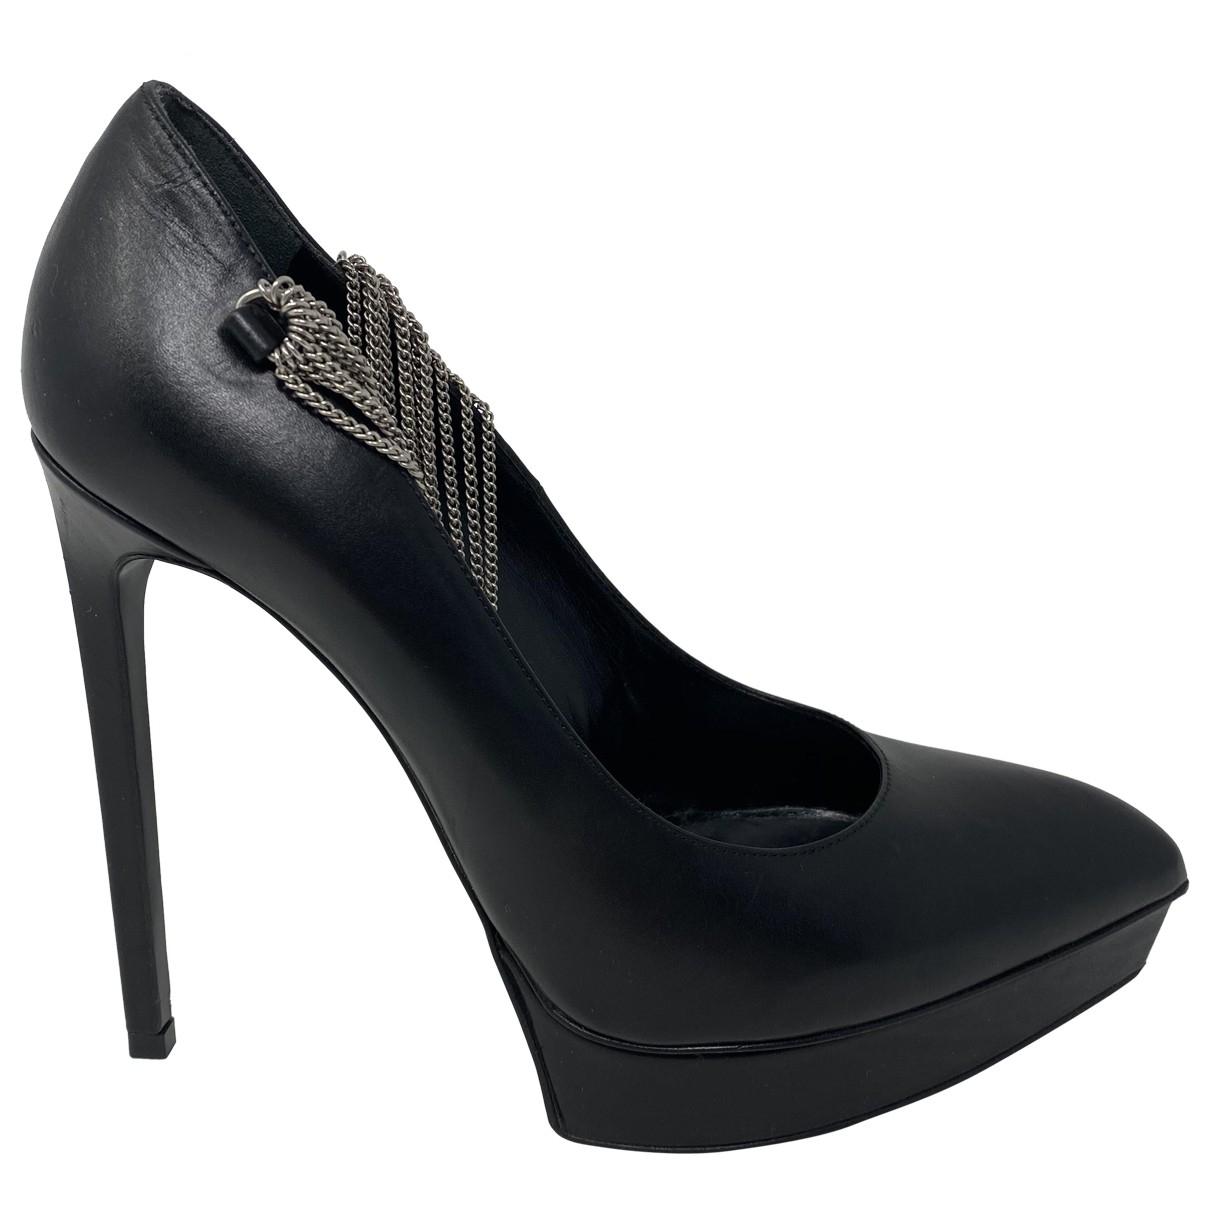 Saint Laurent - Escarpins   pour femme en cuir - noir